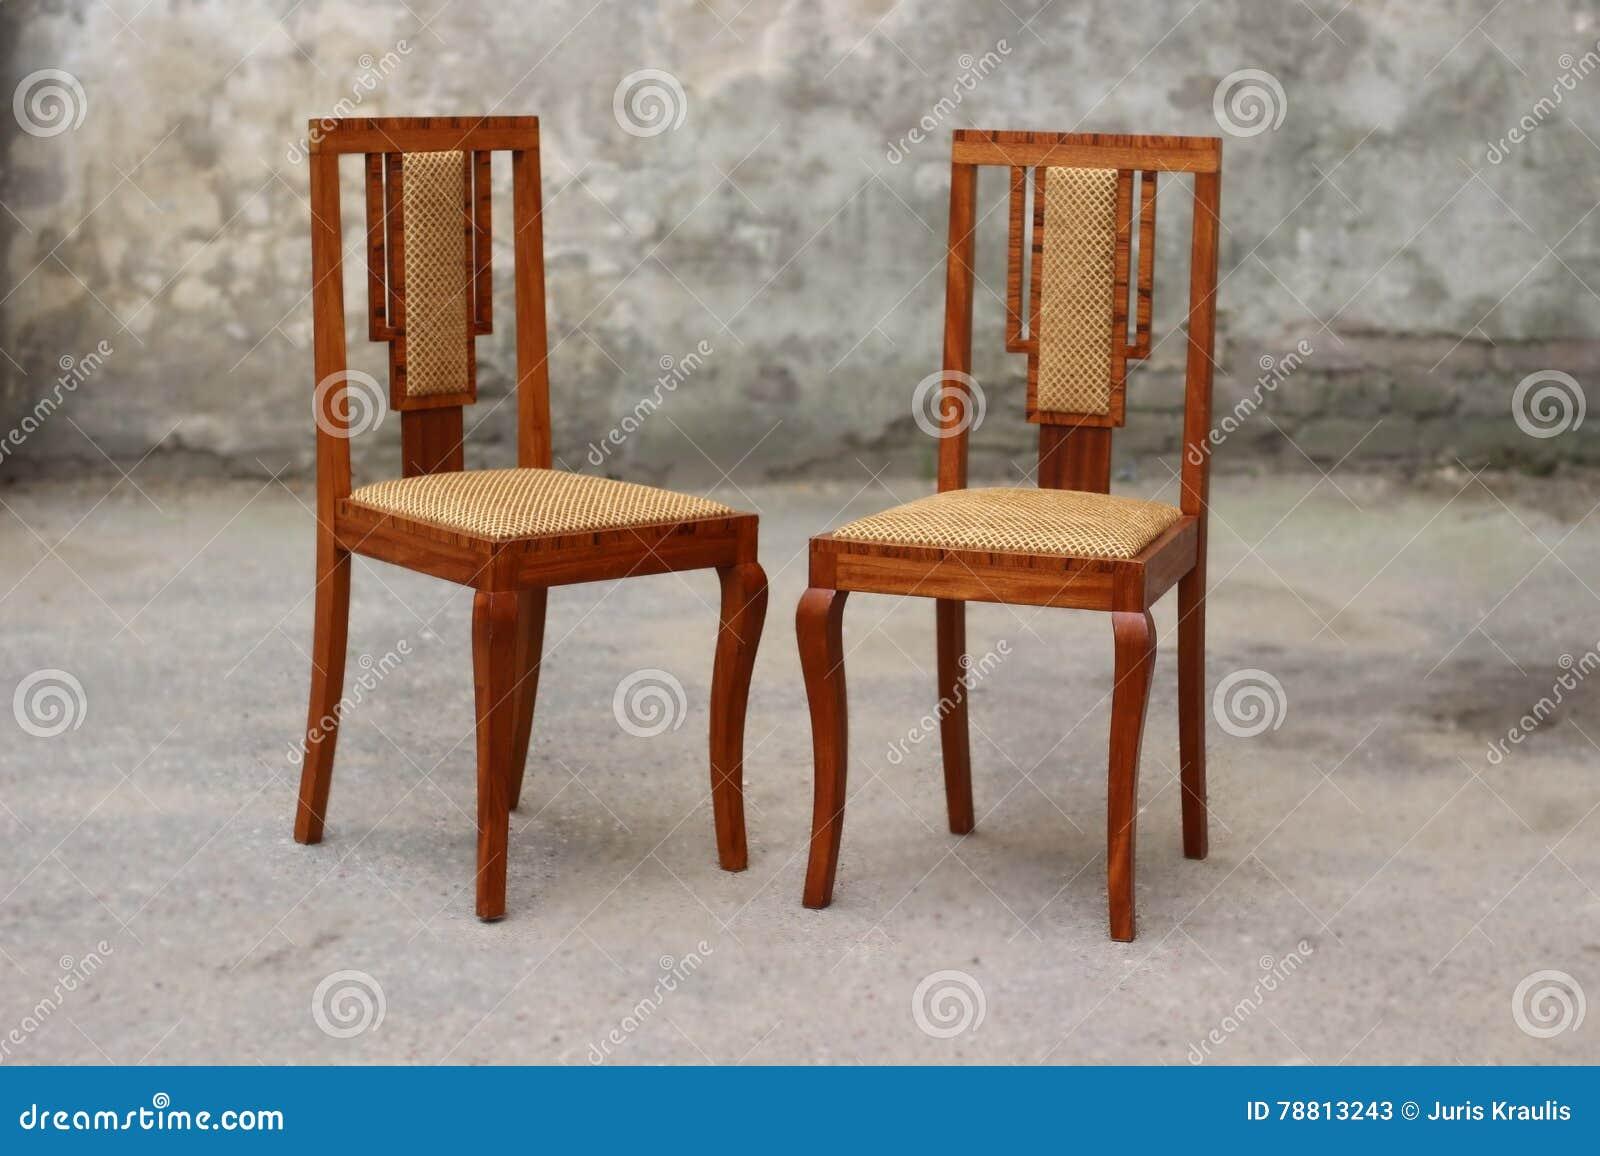 Art Deco Stoel : Art deco stoel stock afbeelding afbeelding bestaande uit bentwood